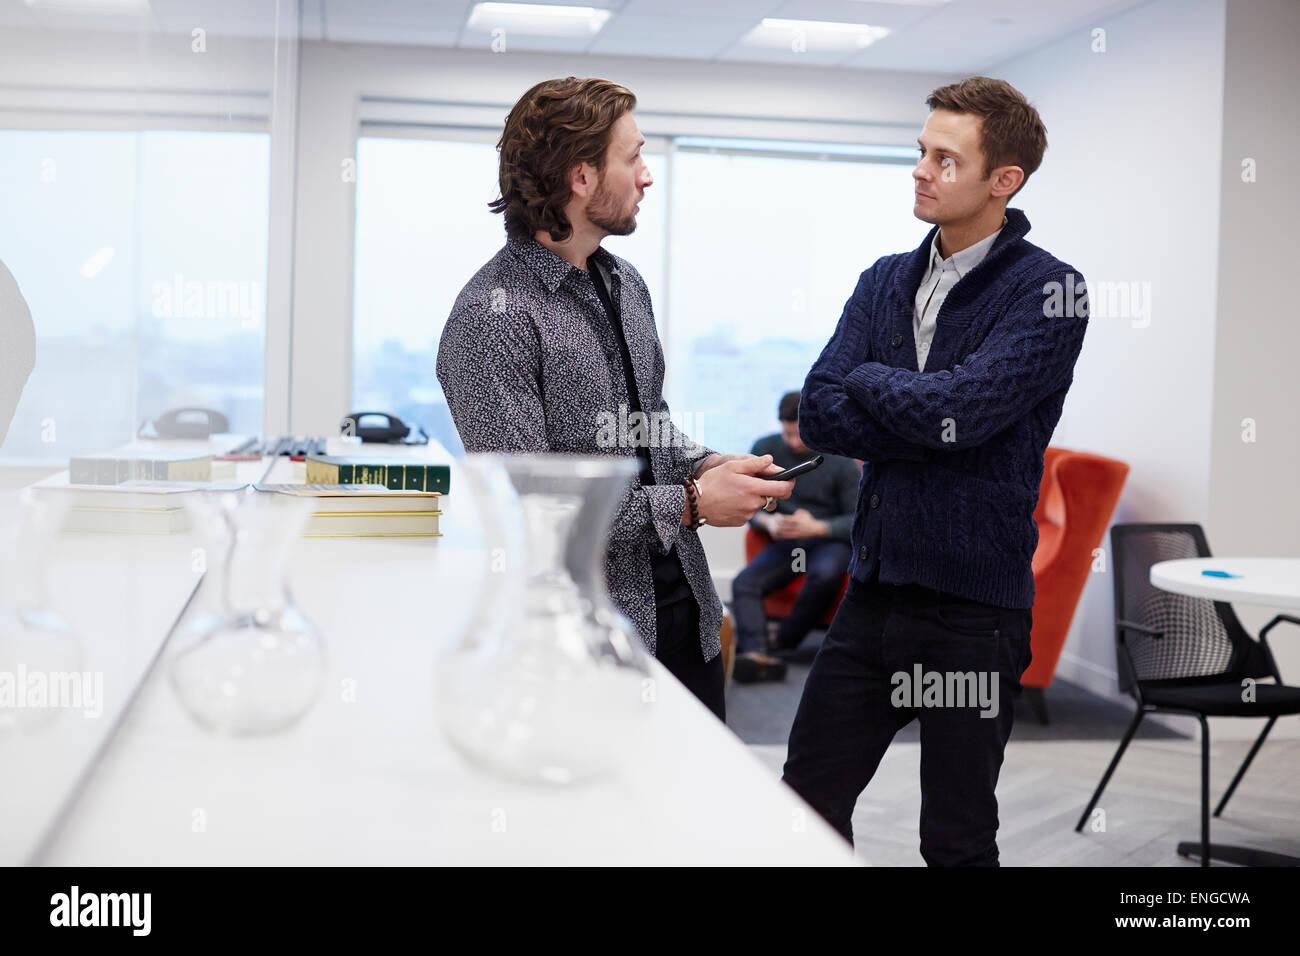 Deux hommes dans un bureau, debout et à parler, l'un avec ses bras croisés. Photo Stock